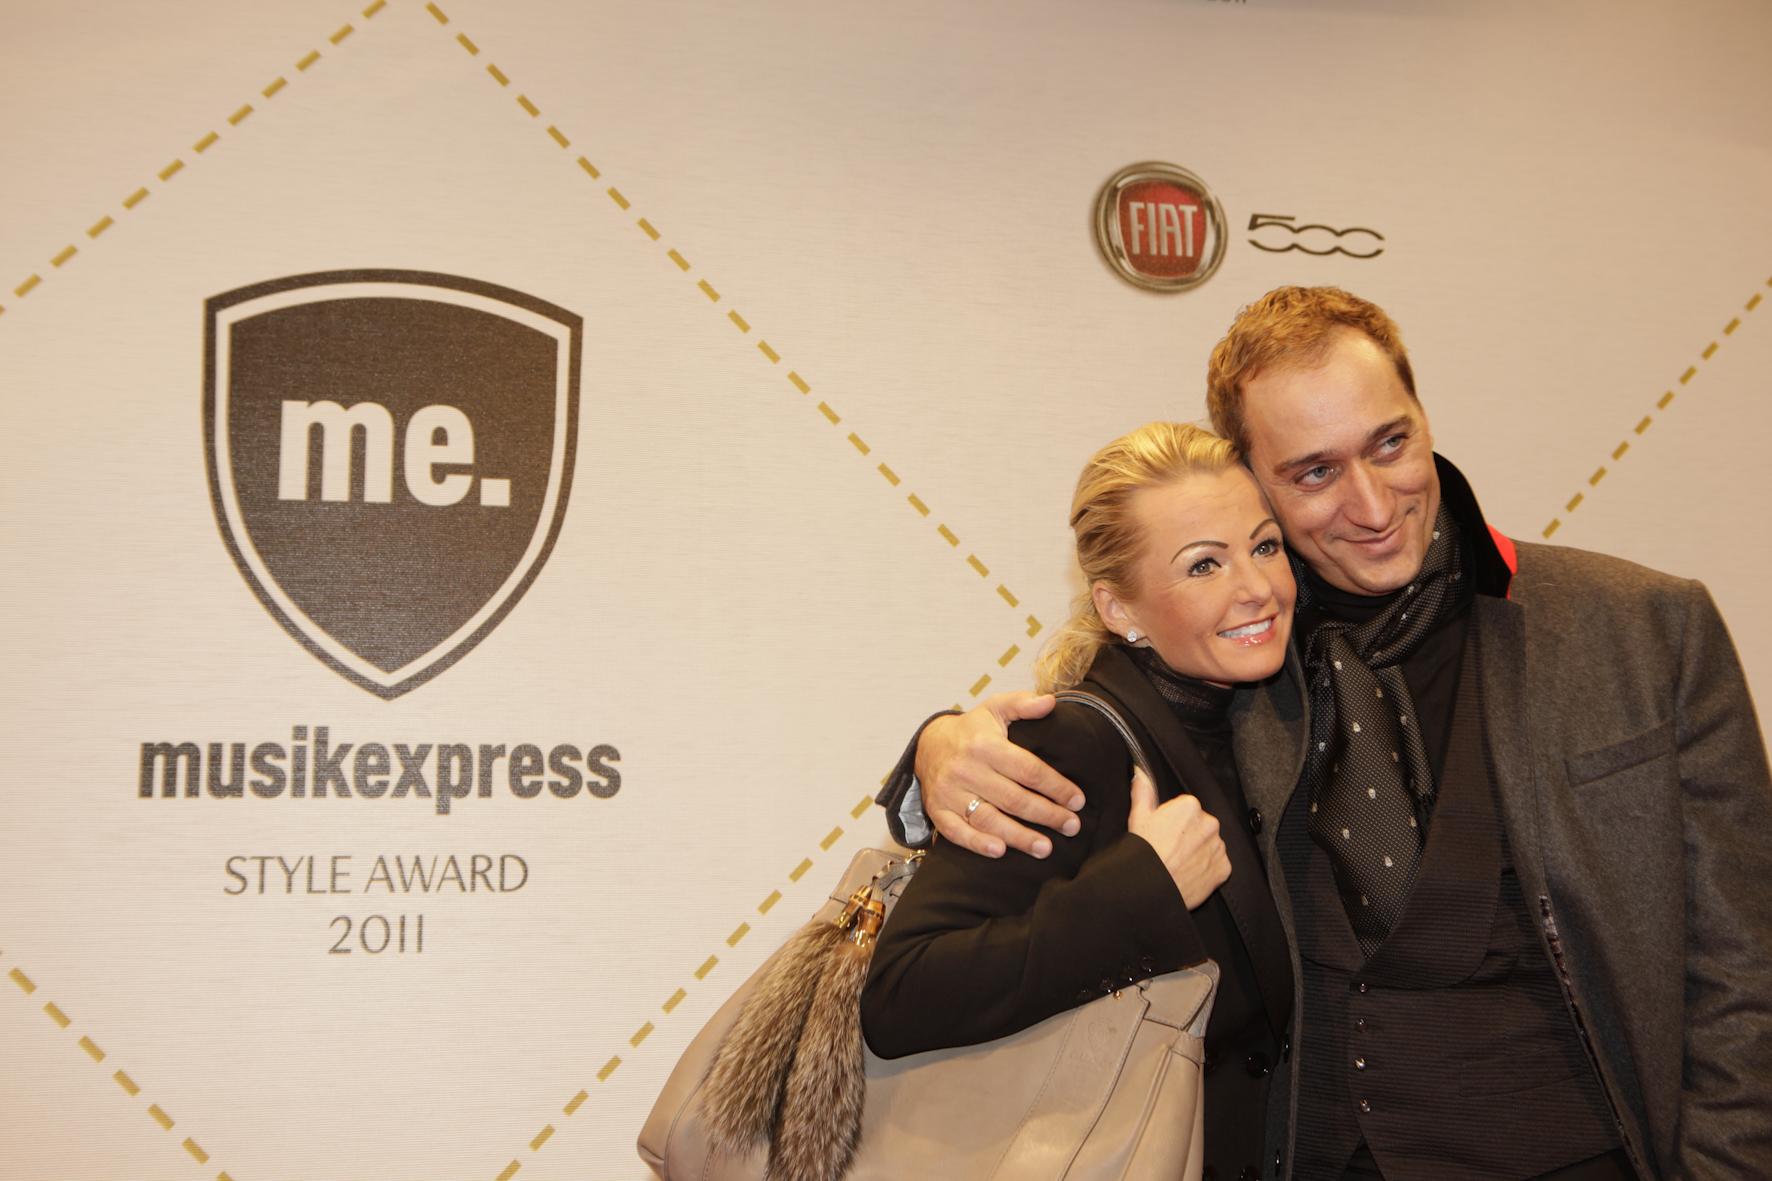 Laudator und Techno-Ikone Paul van Dyk mit seiner Frau Natascha.